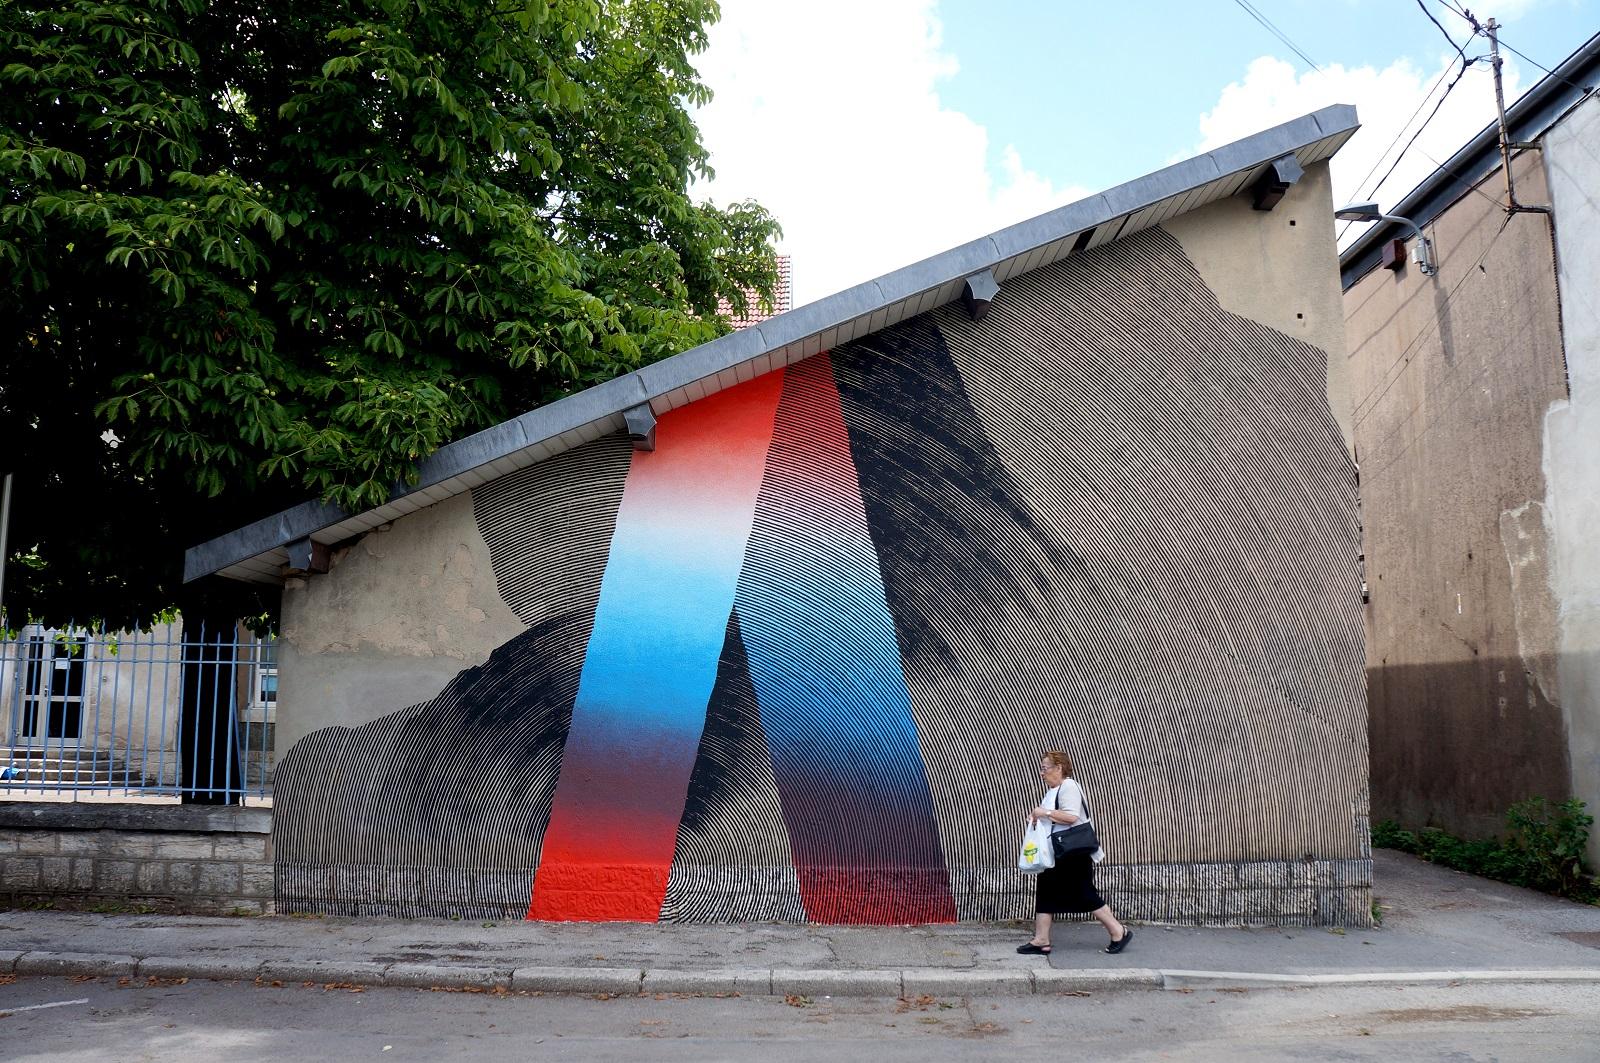 momo-new-murals-for-bien-urbain-festival-2014-07